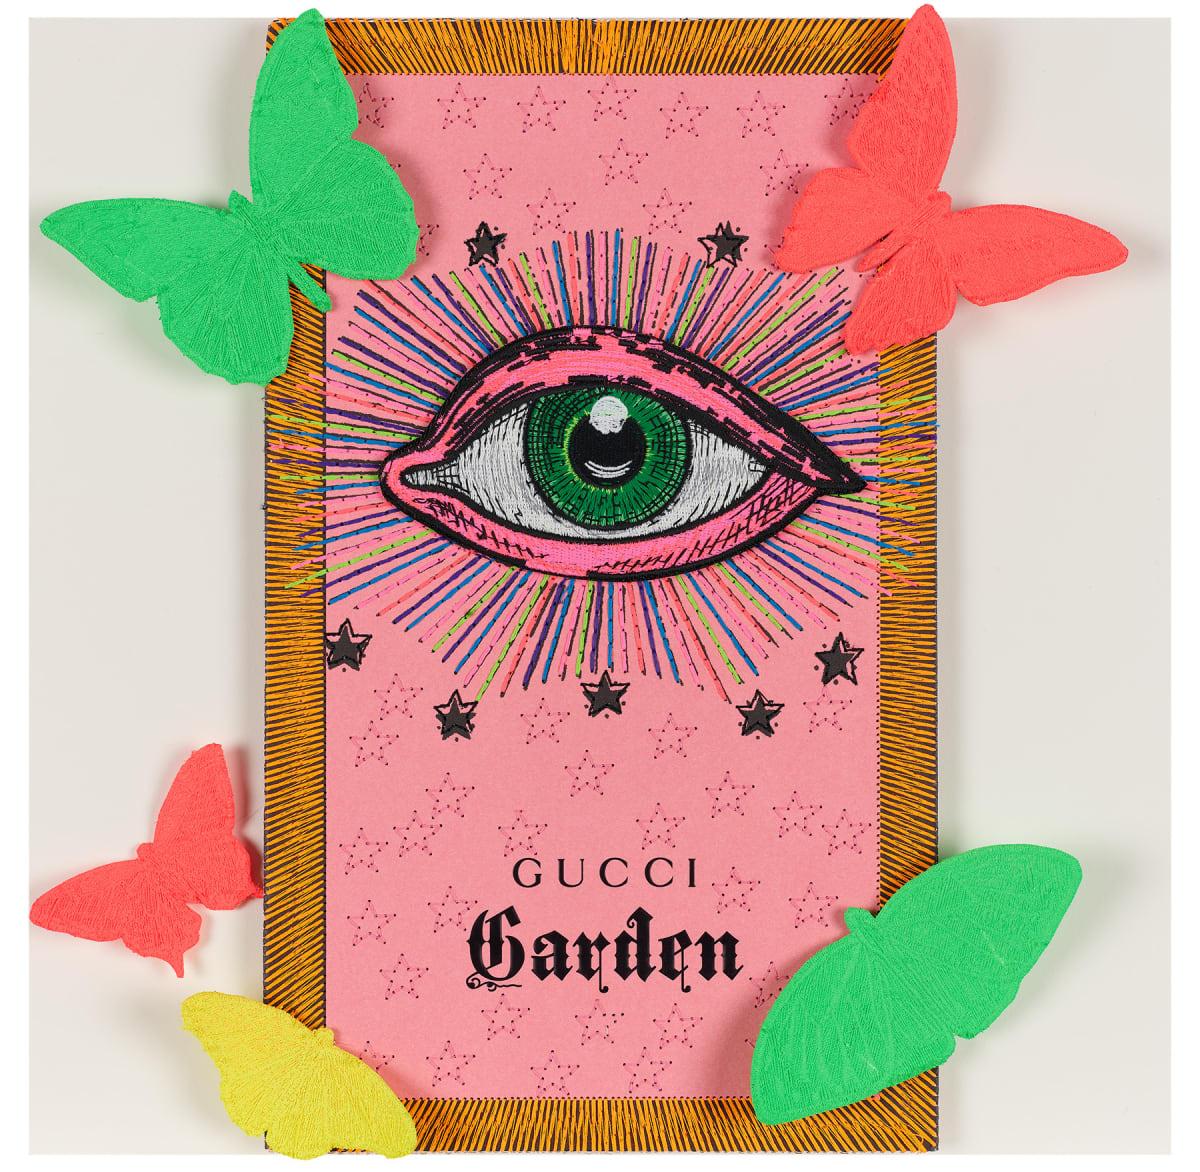 Stephen Wilson, Gucci Neon Garden IV, 2020